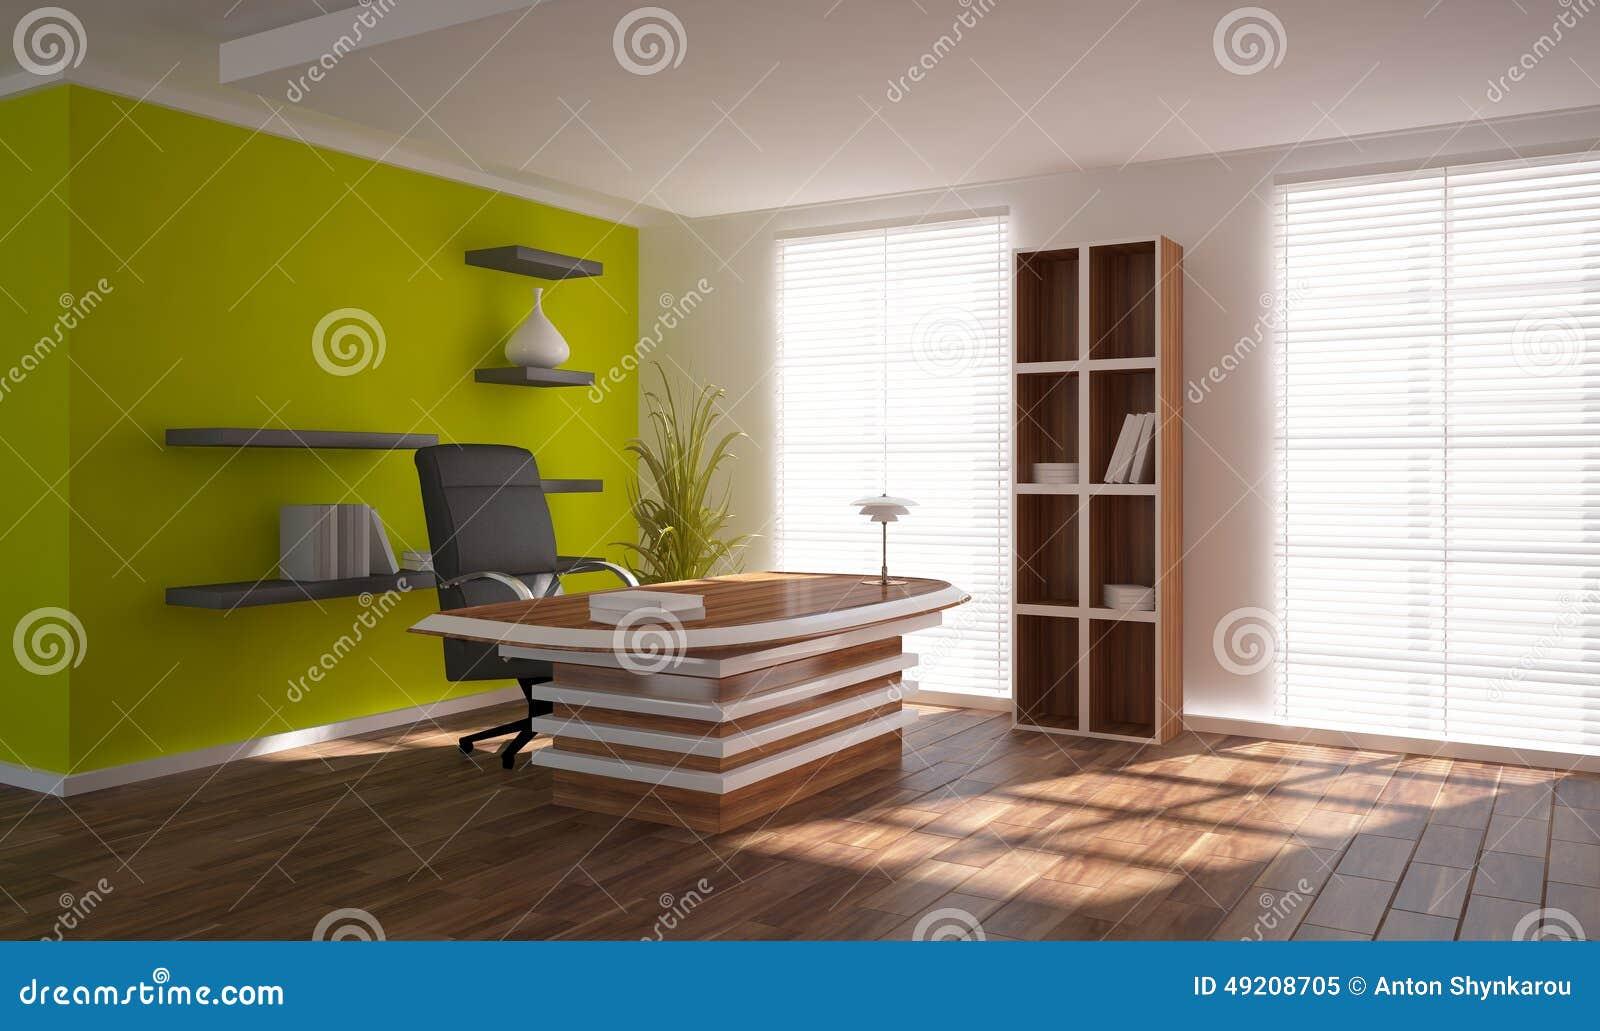 Concepto interior verde para el lugar de trabajo